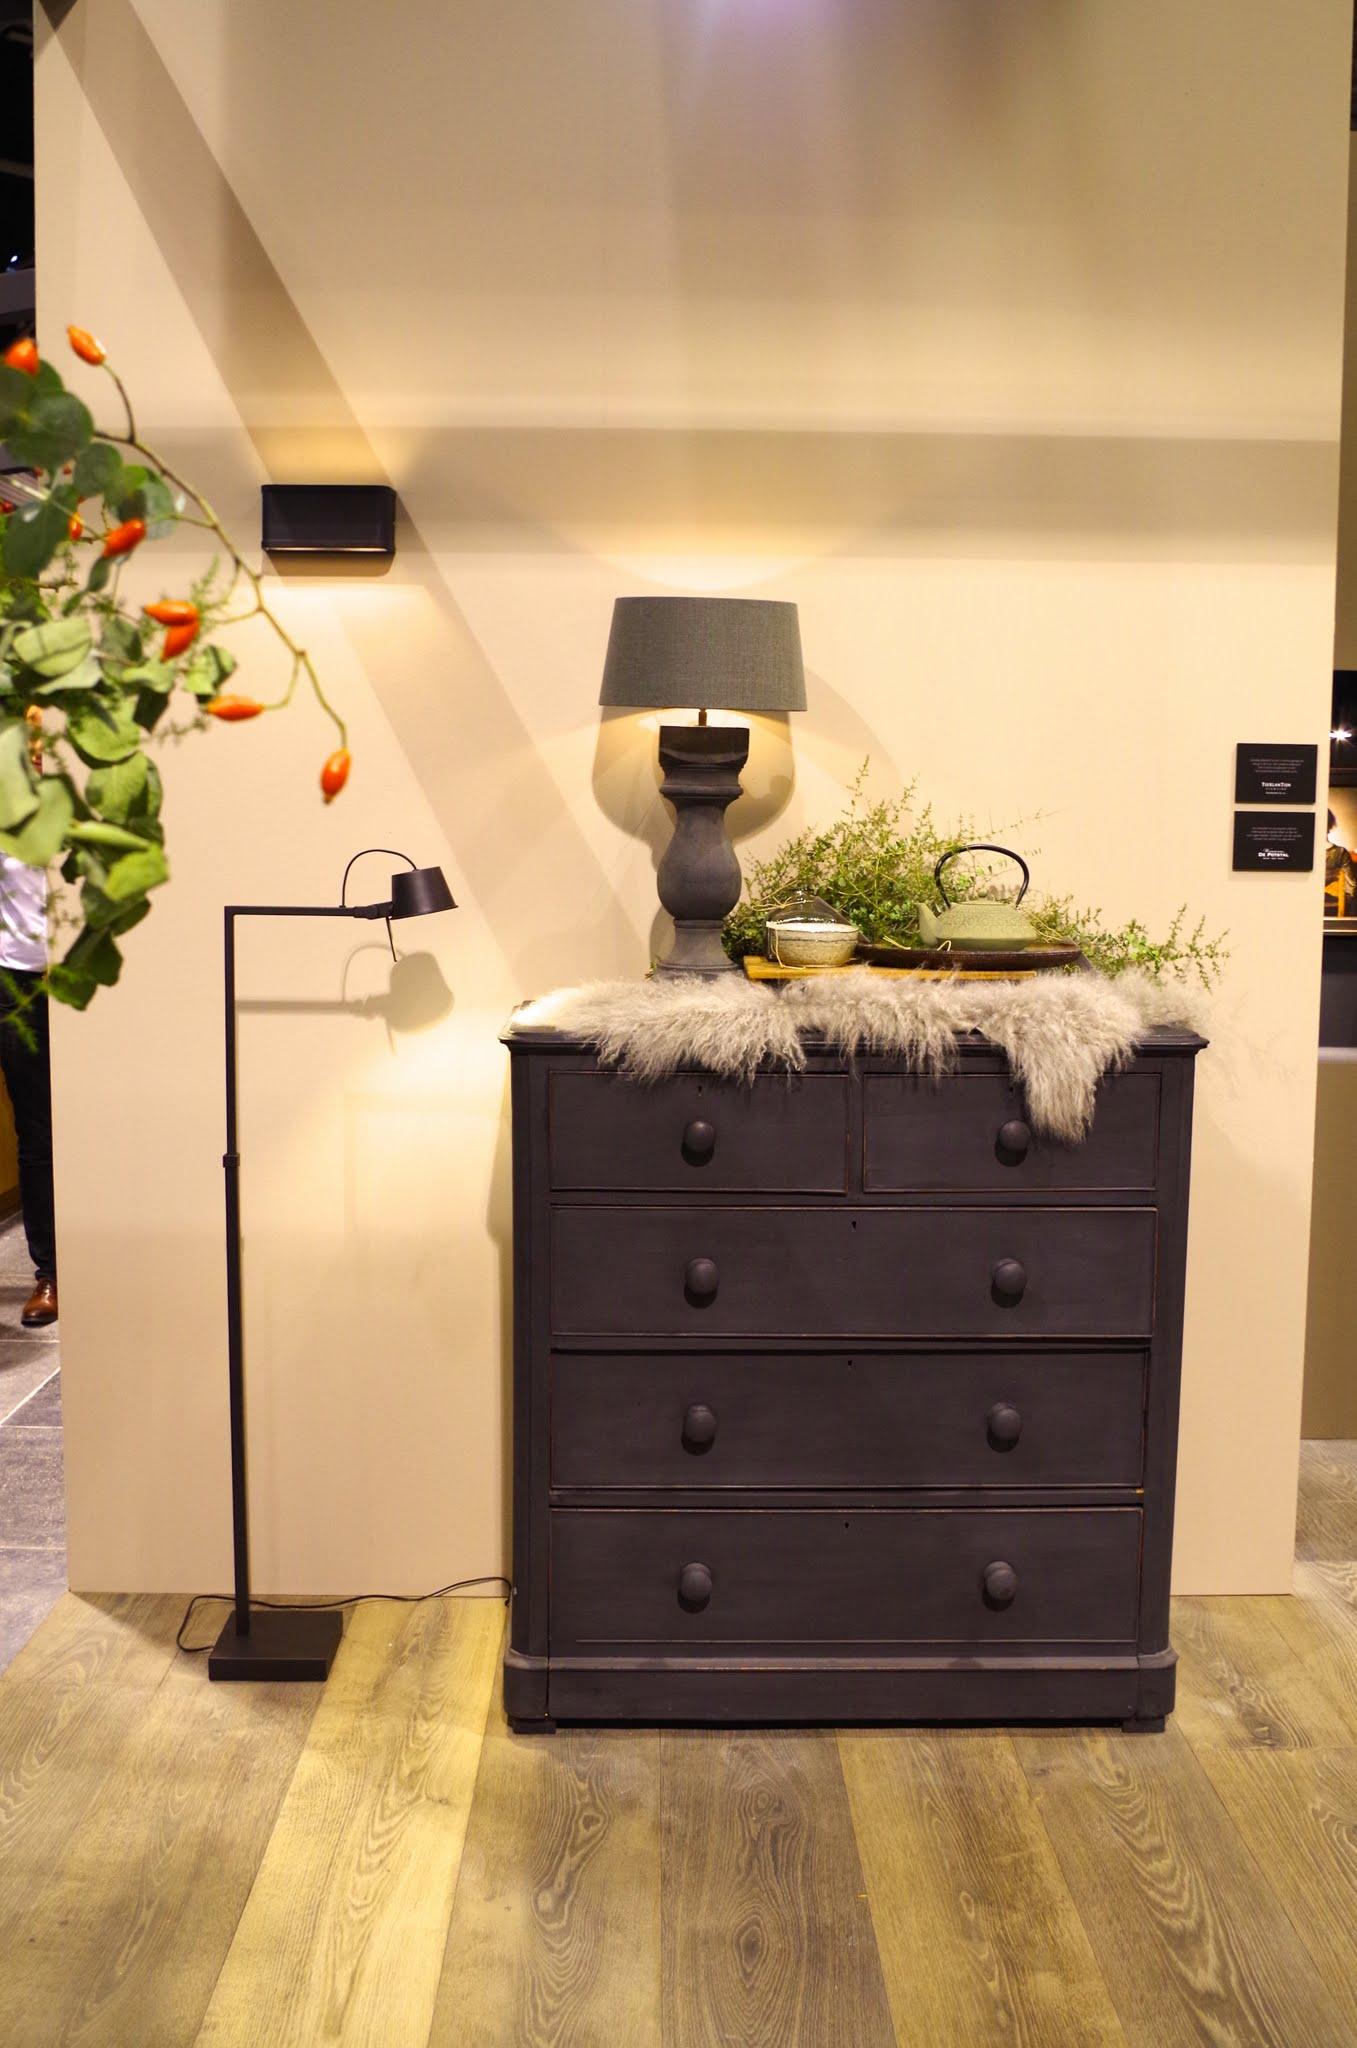 Vt wonen en design beurs het wonen landelijke stijl for Wonen landelijke stijl